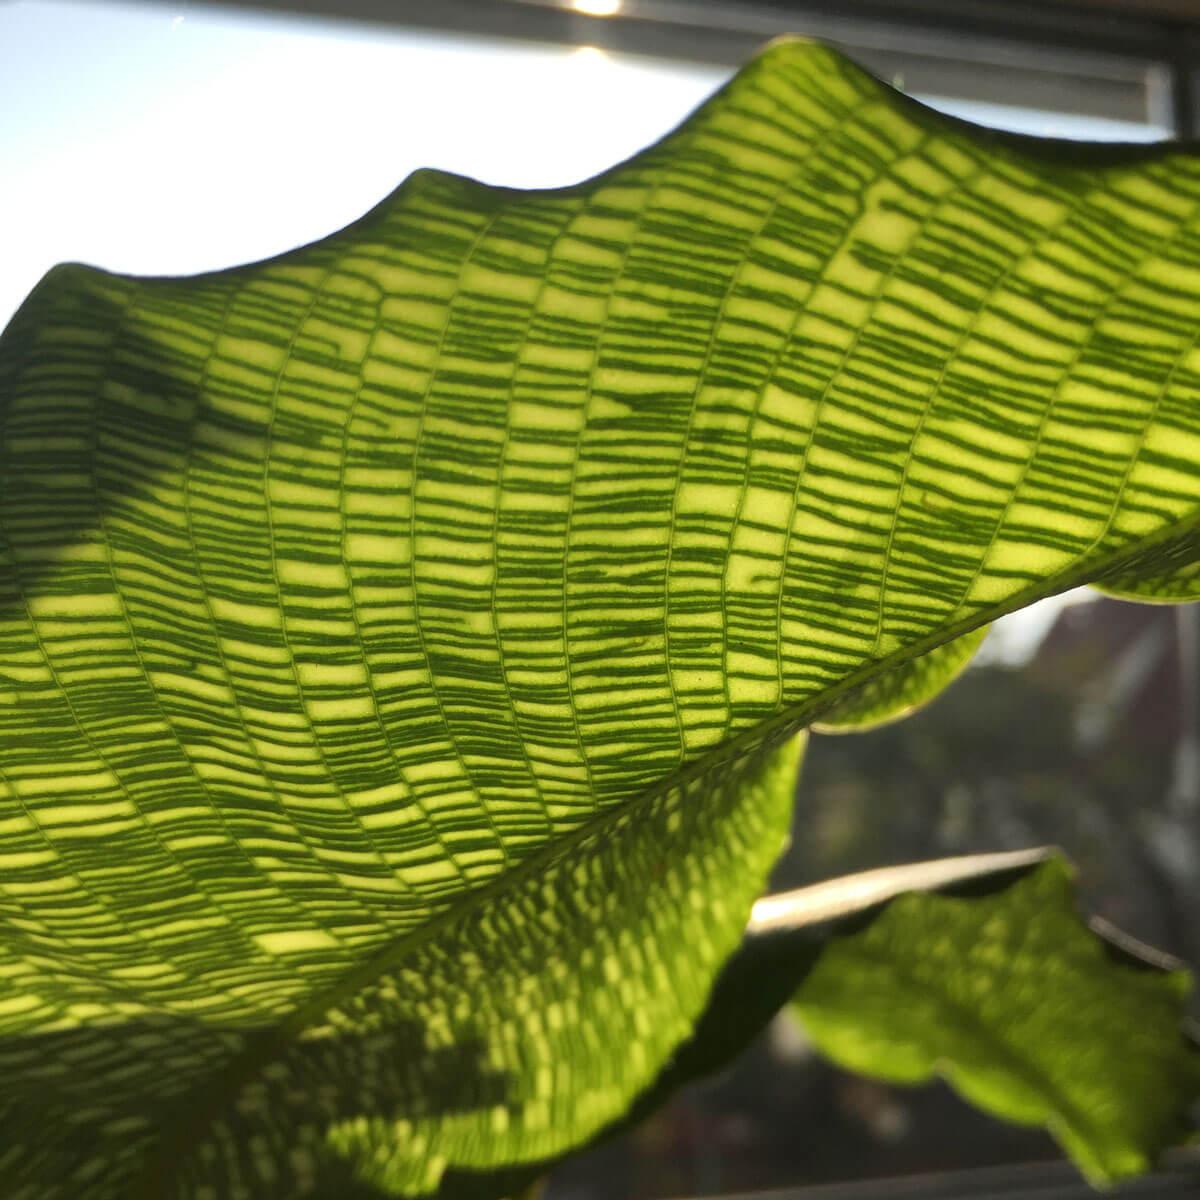 Struktur auf einem Blatt einer Pflanze